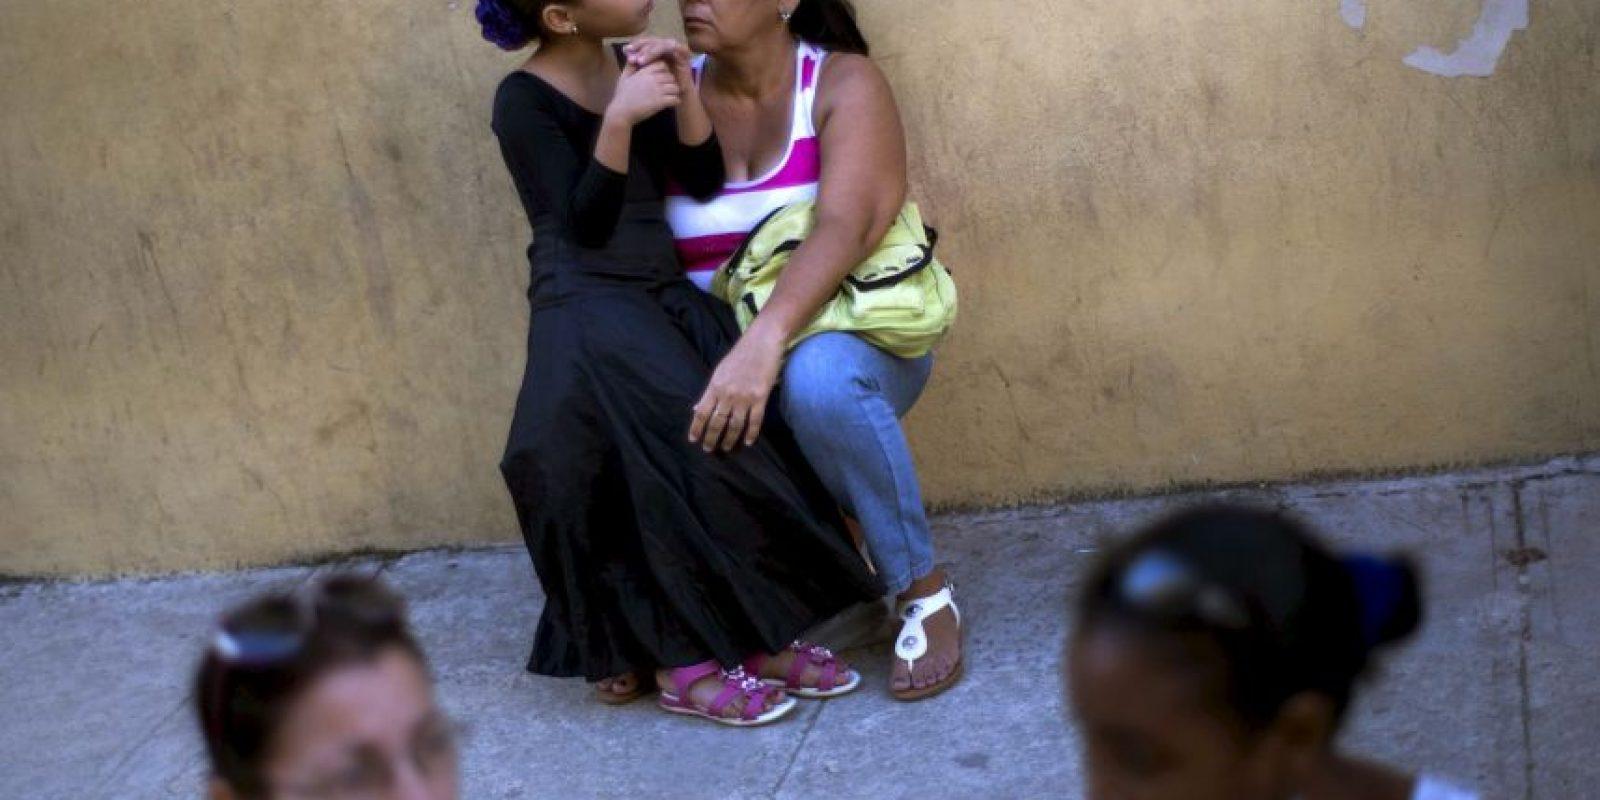 Francois Hollande fue el visitó este día el país, siendo el primer presidente francés en entrar a la isla. Las nuevas relaciones diplomáticas de Cuba han beneficiado la apertura del país. Foto:AP